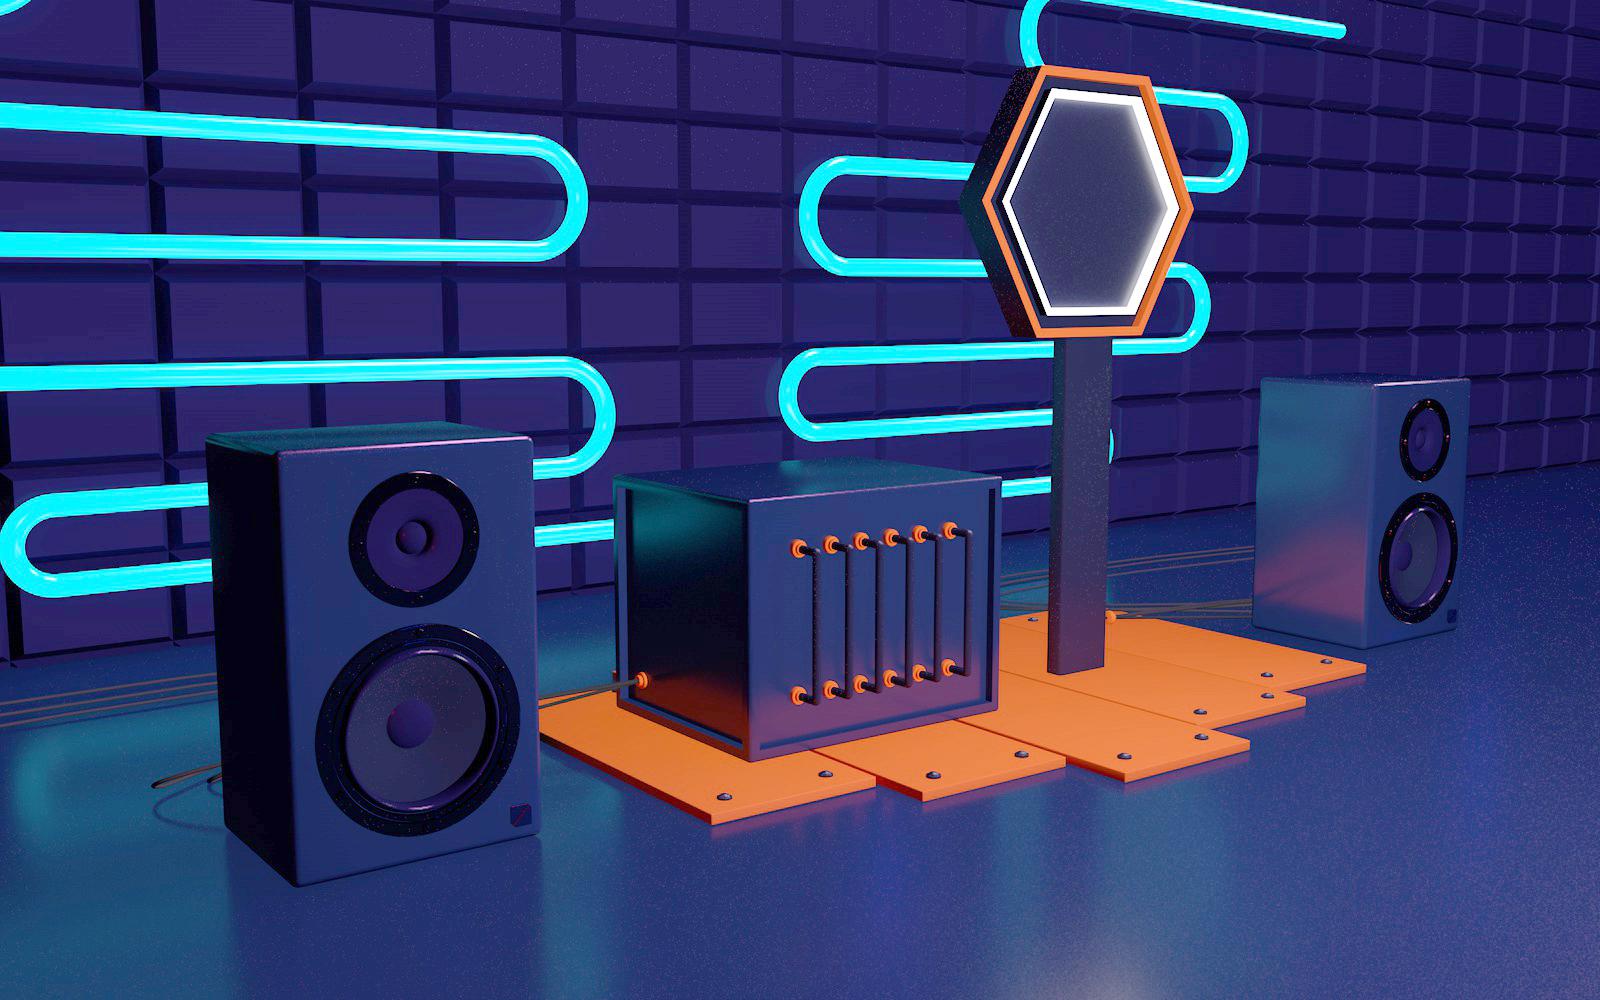 C4D模型蓝色科技音乐发烧友设备音箱016.jpg